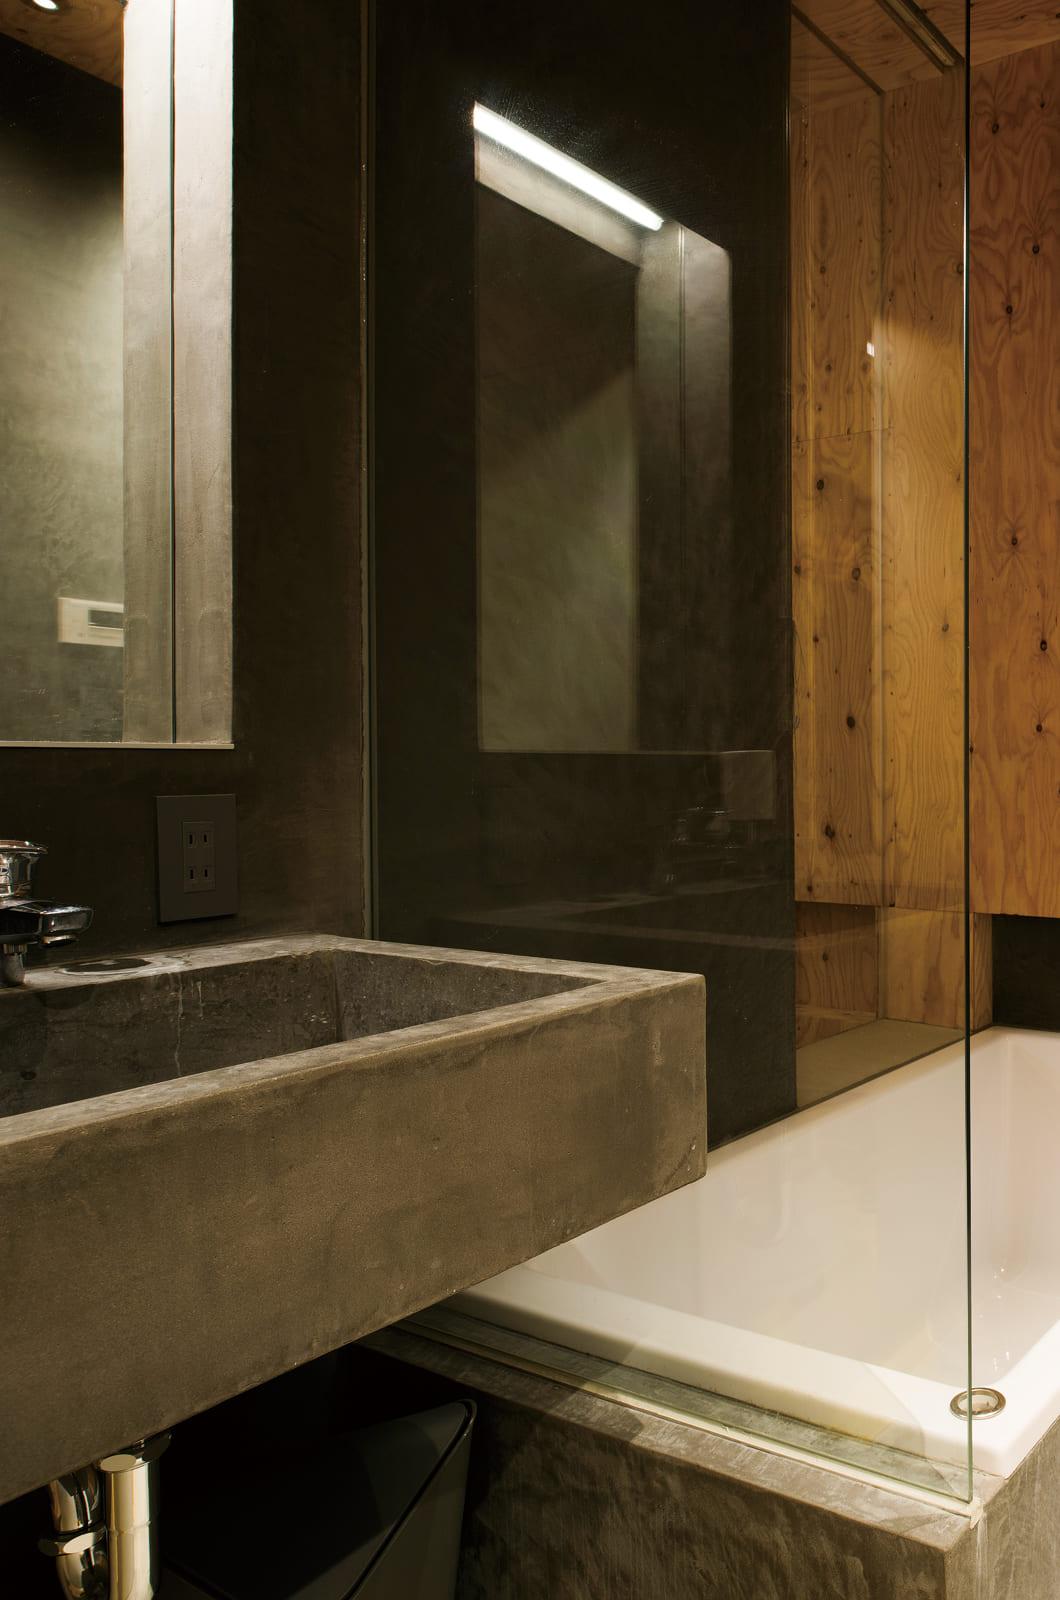 洗面と浴室はコンパクトで使い勝手の良さそうなシンプルなつくり。間仕切りを極力なくしたリラックス空間